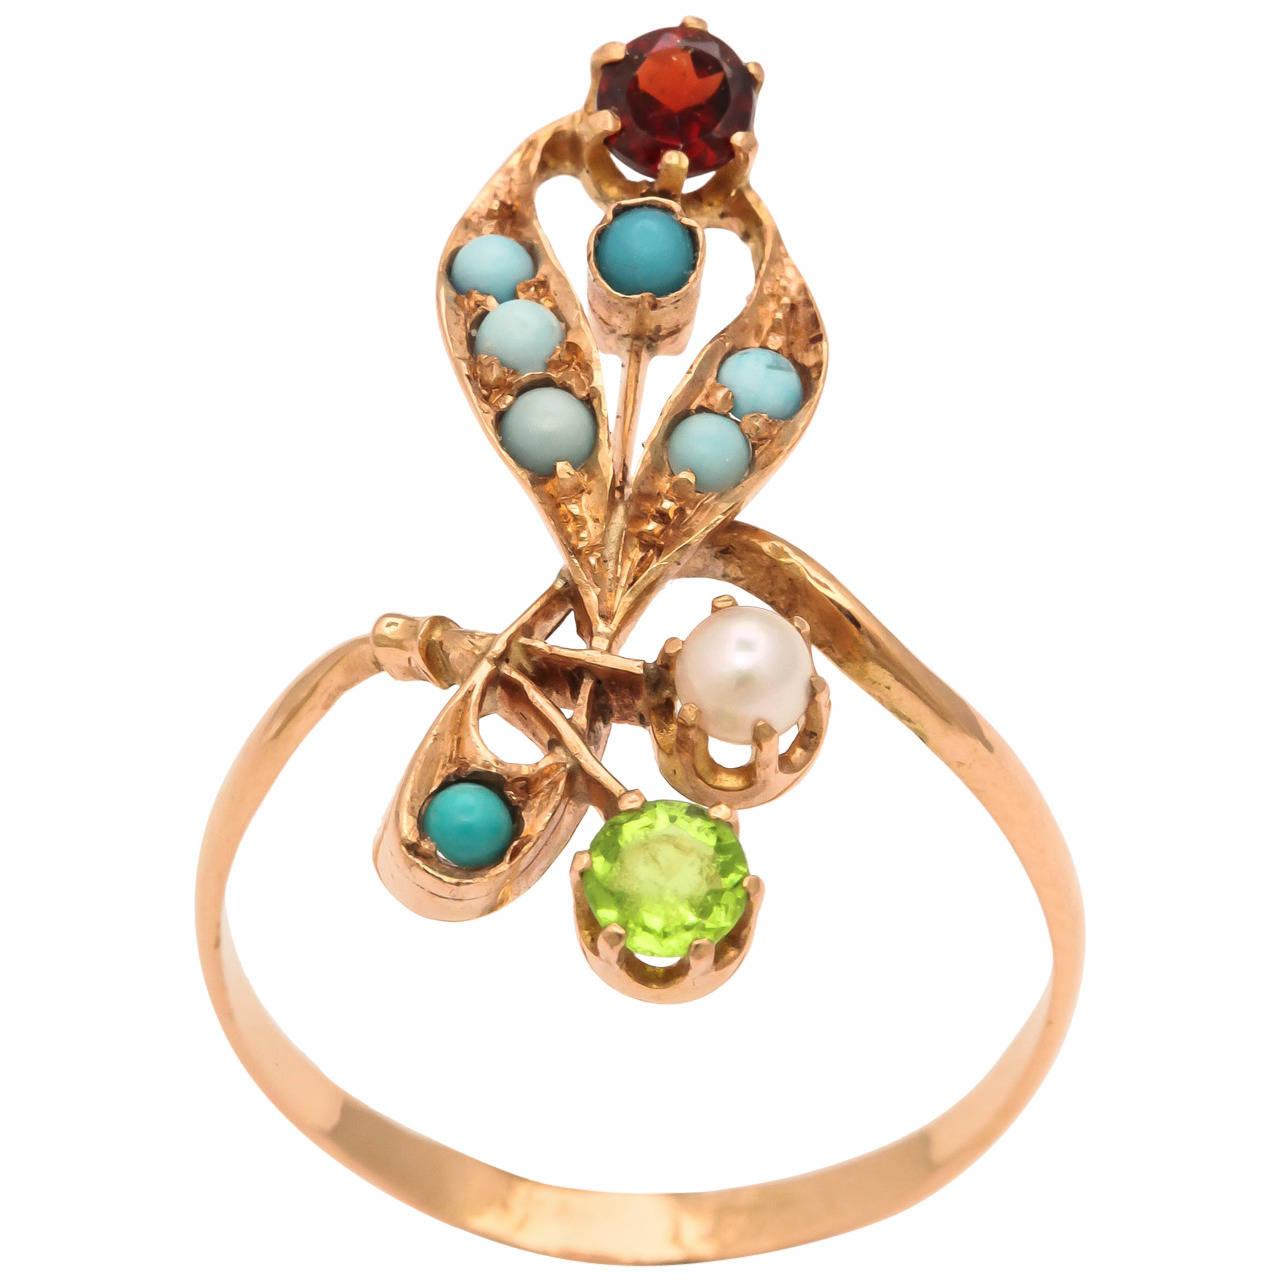 Russian Art Nouveau Gem Set Gold Floral Ring 1